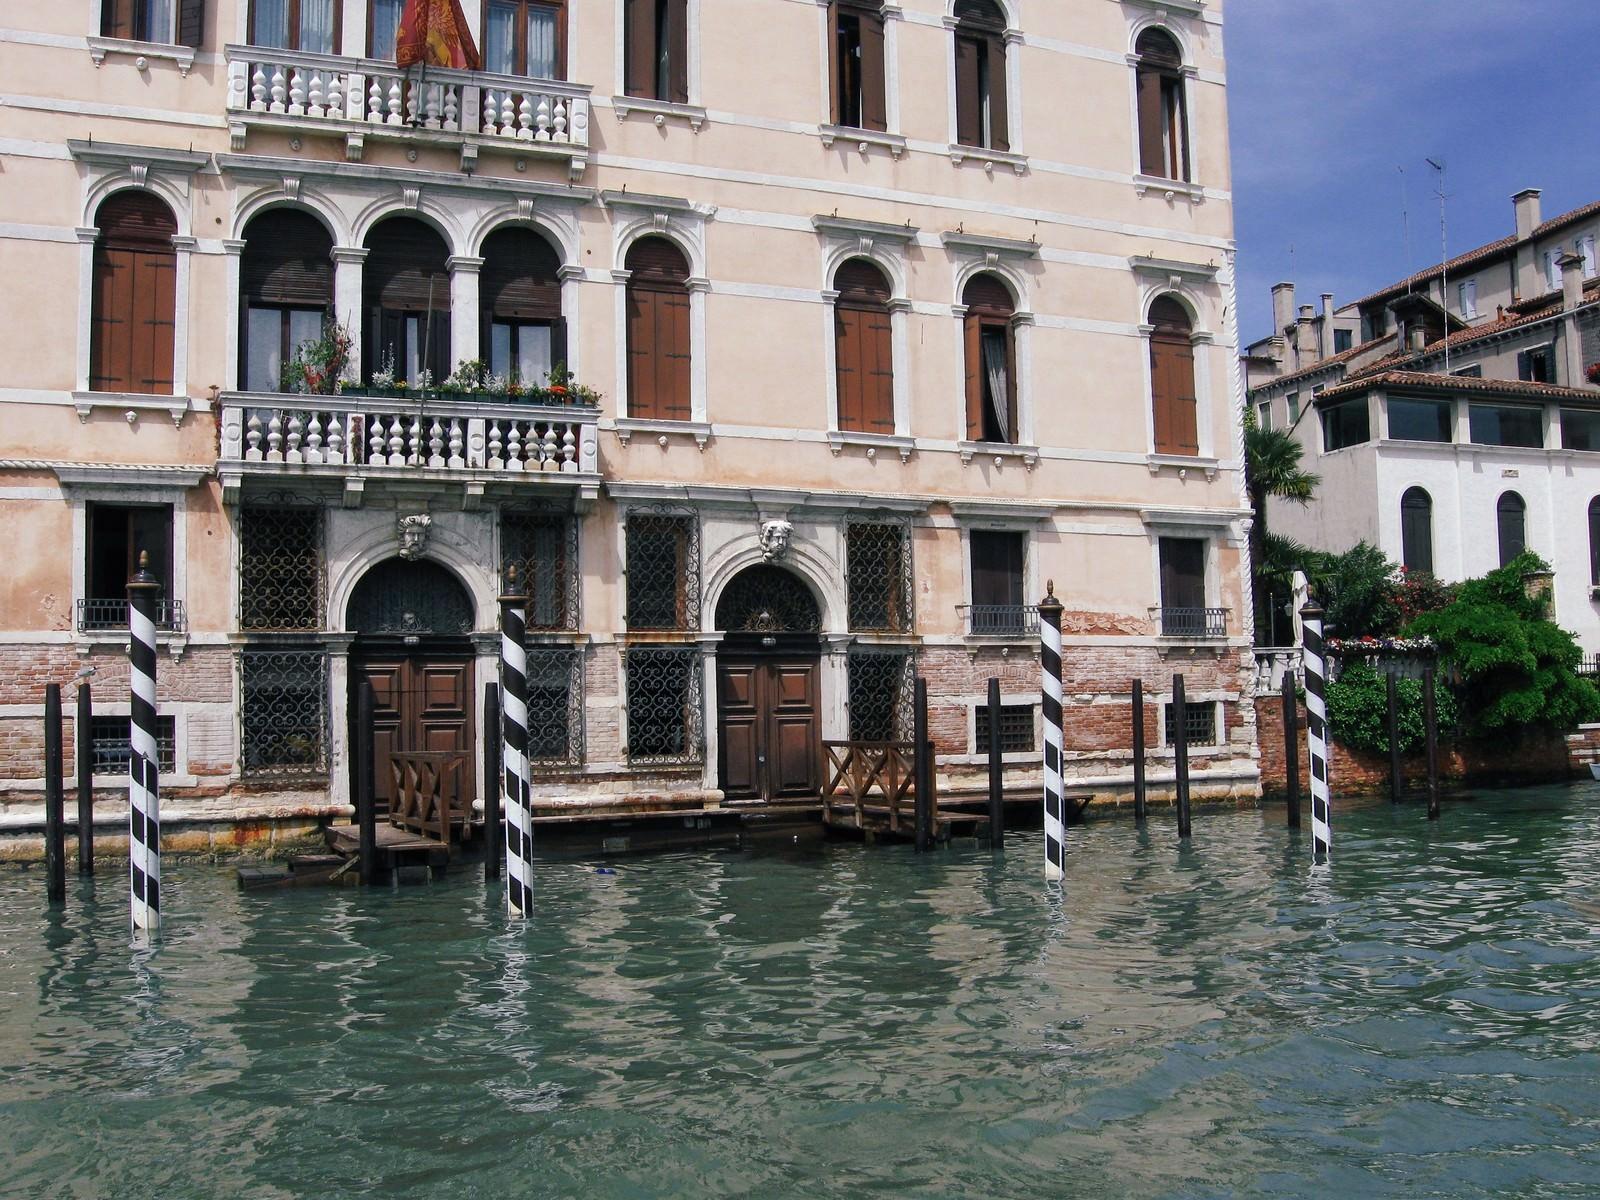 「ヴェネツィアを流れる川沿いにある建物の扉と窓(イタリア)」の写真